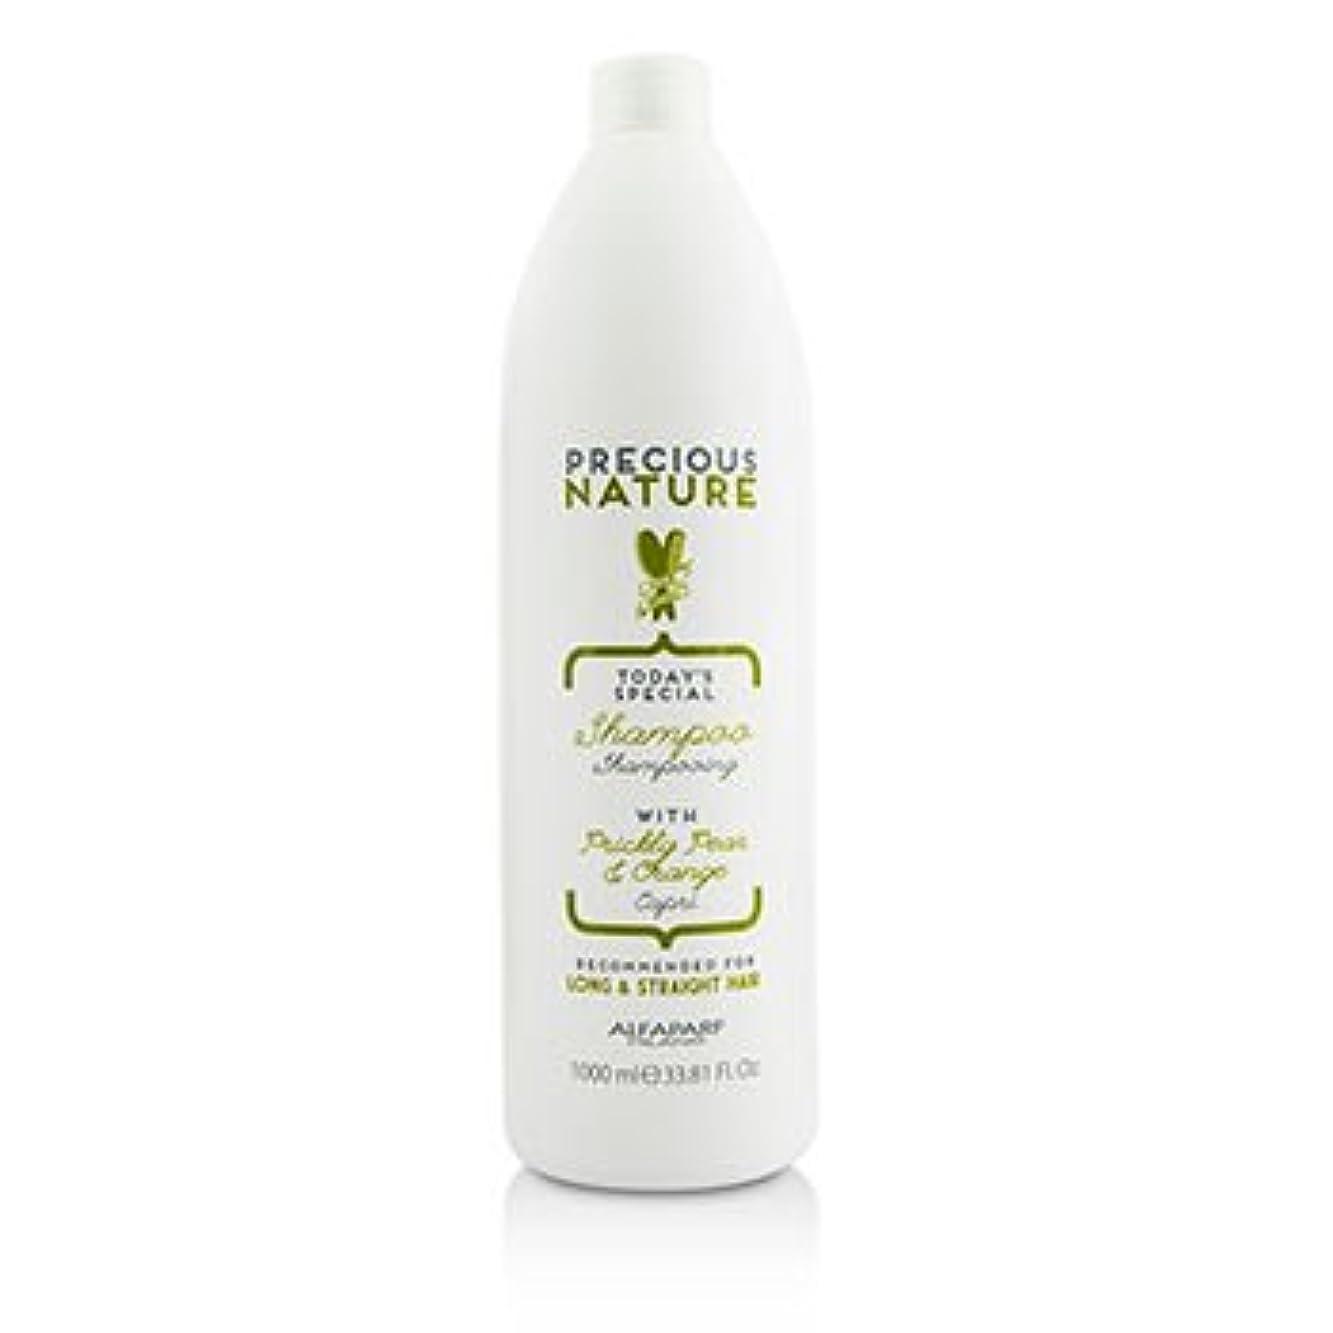 過度に永遠の放課後[AlfaParf] Precious Nature Todays Special Shampoo (For Long & Straight Hair) 1000ml/33.81oz